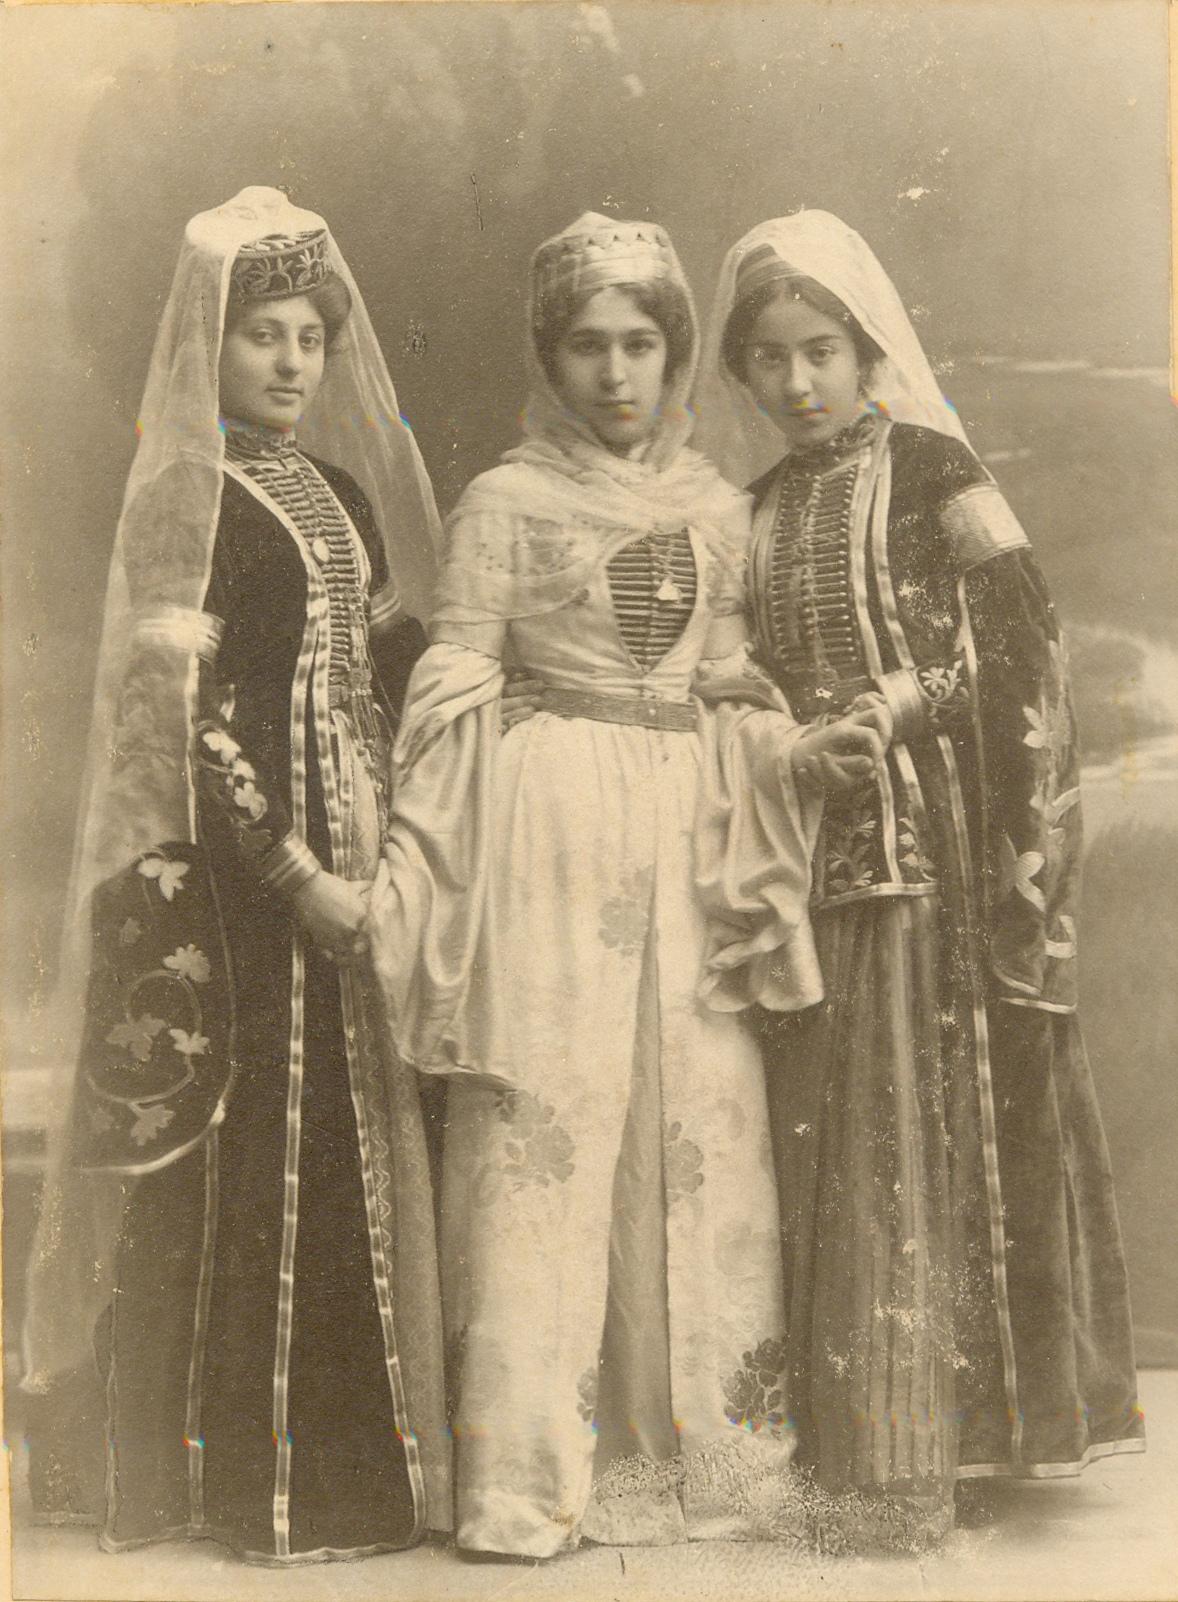 Участники костюмированного черкесского вечера. г. Екатеринодар. 1908 г. (Фатима справа)